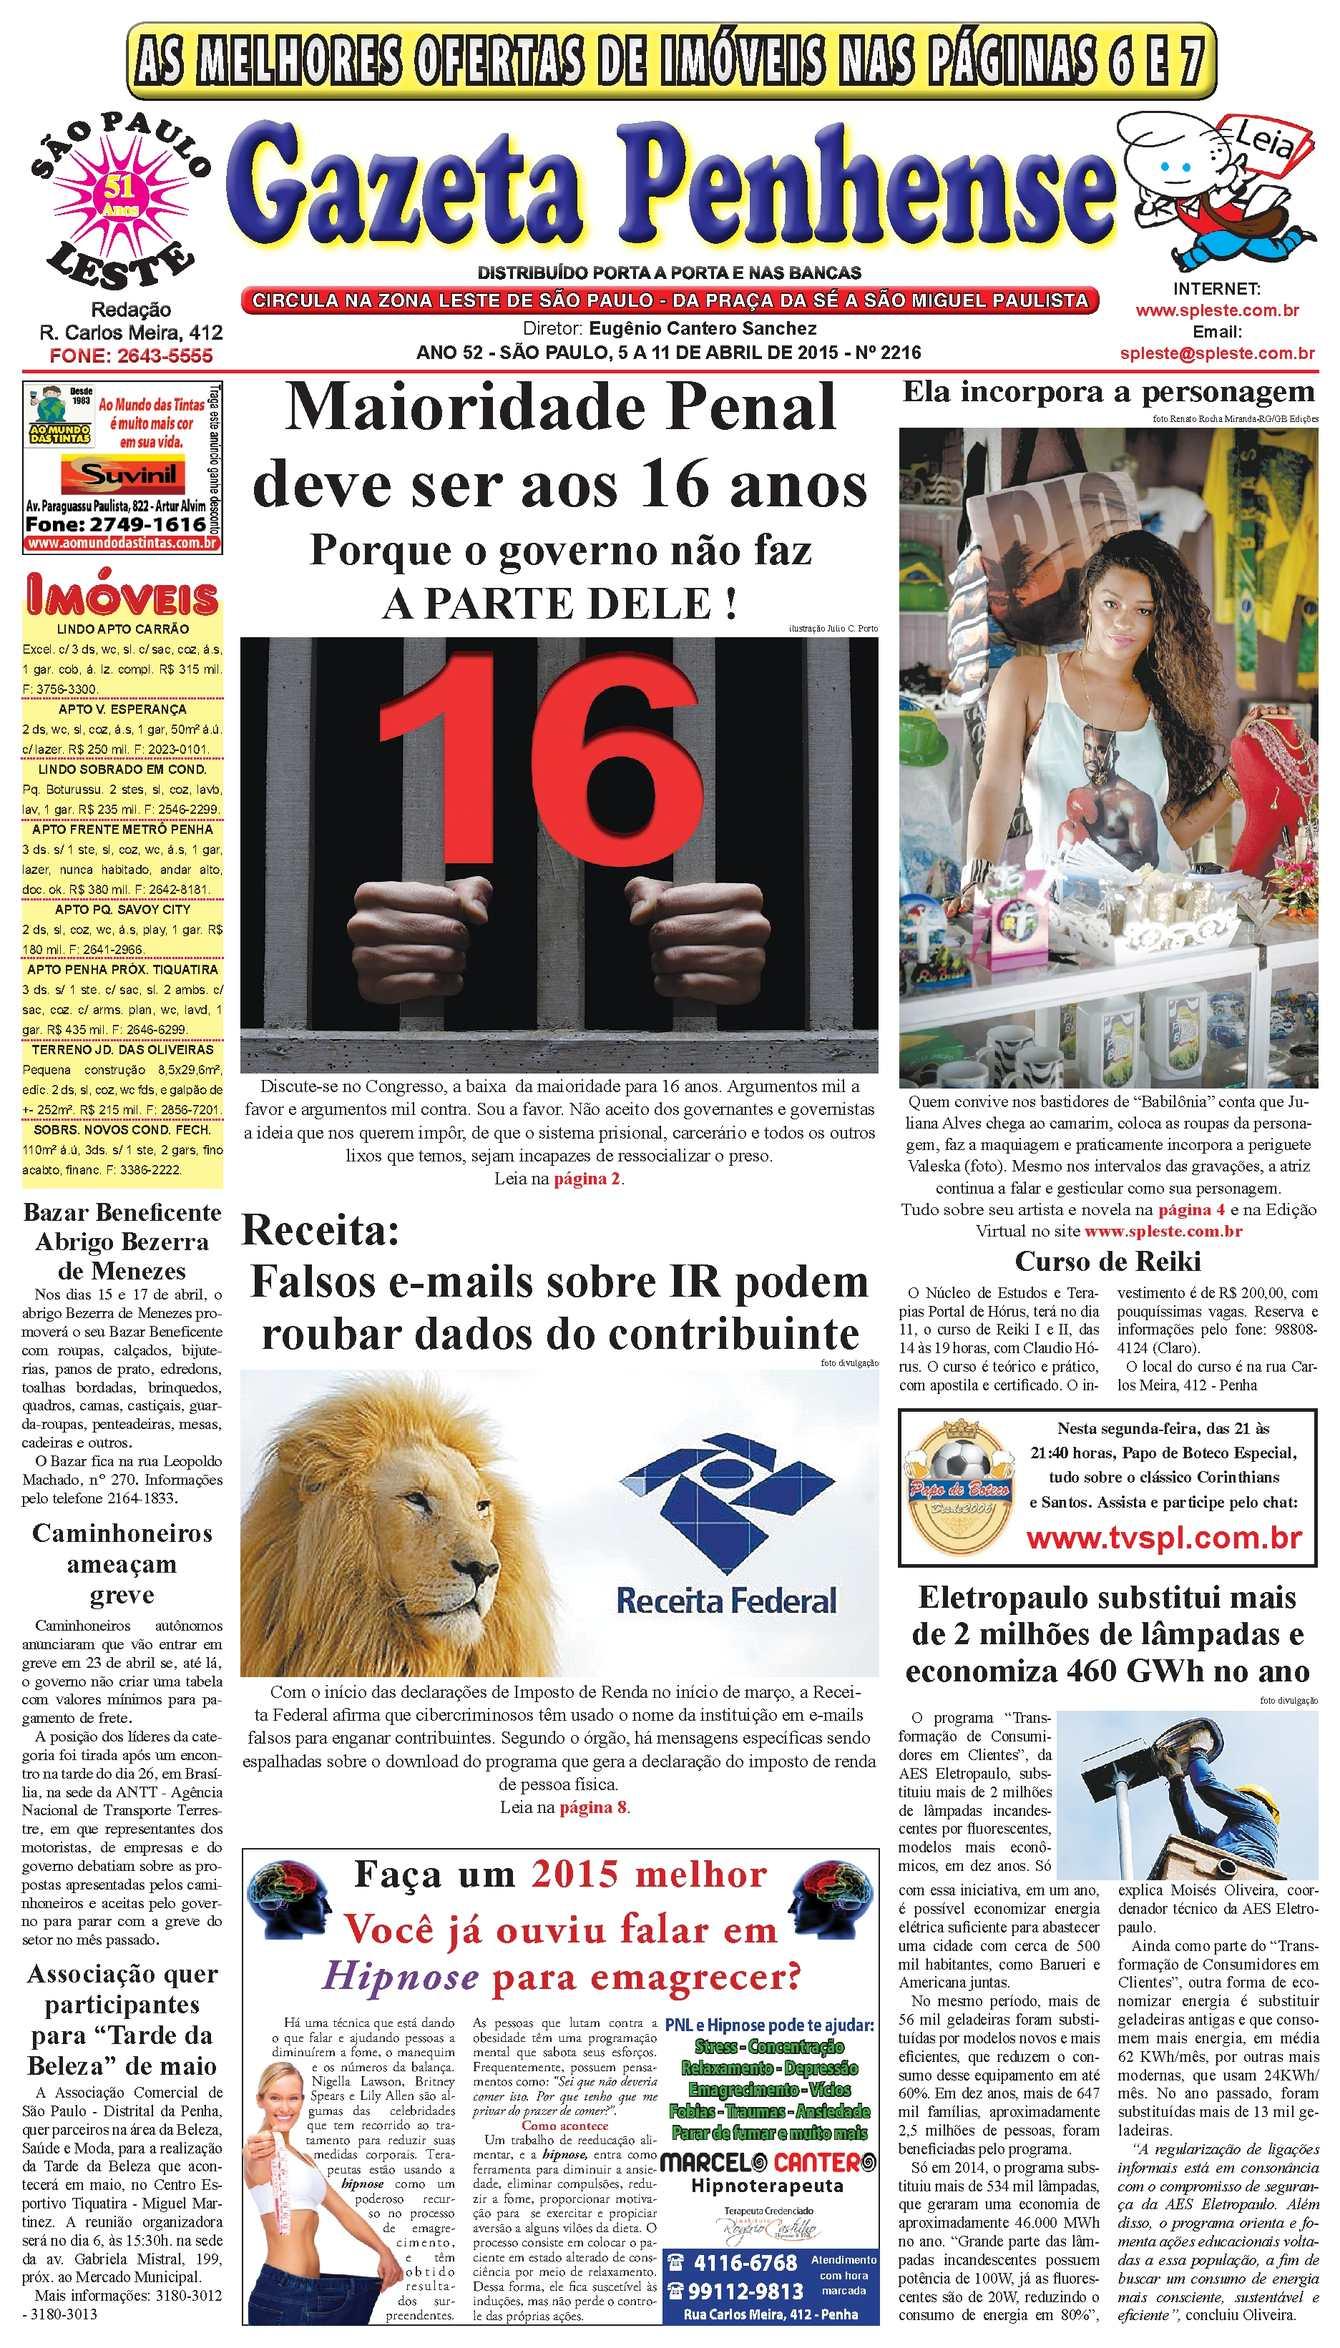 f2c0589baa5 Calaméo - Gazeta Penhense - edição 2216 - 5 a 11 04 15